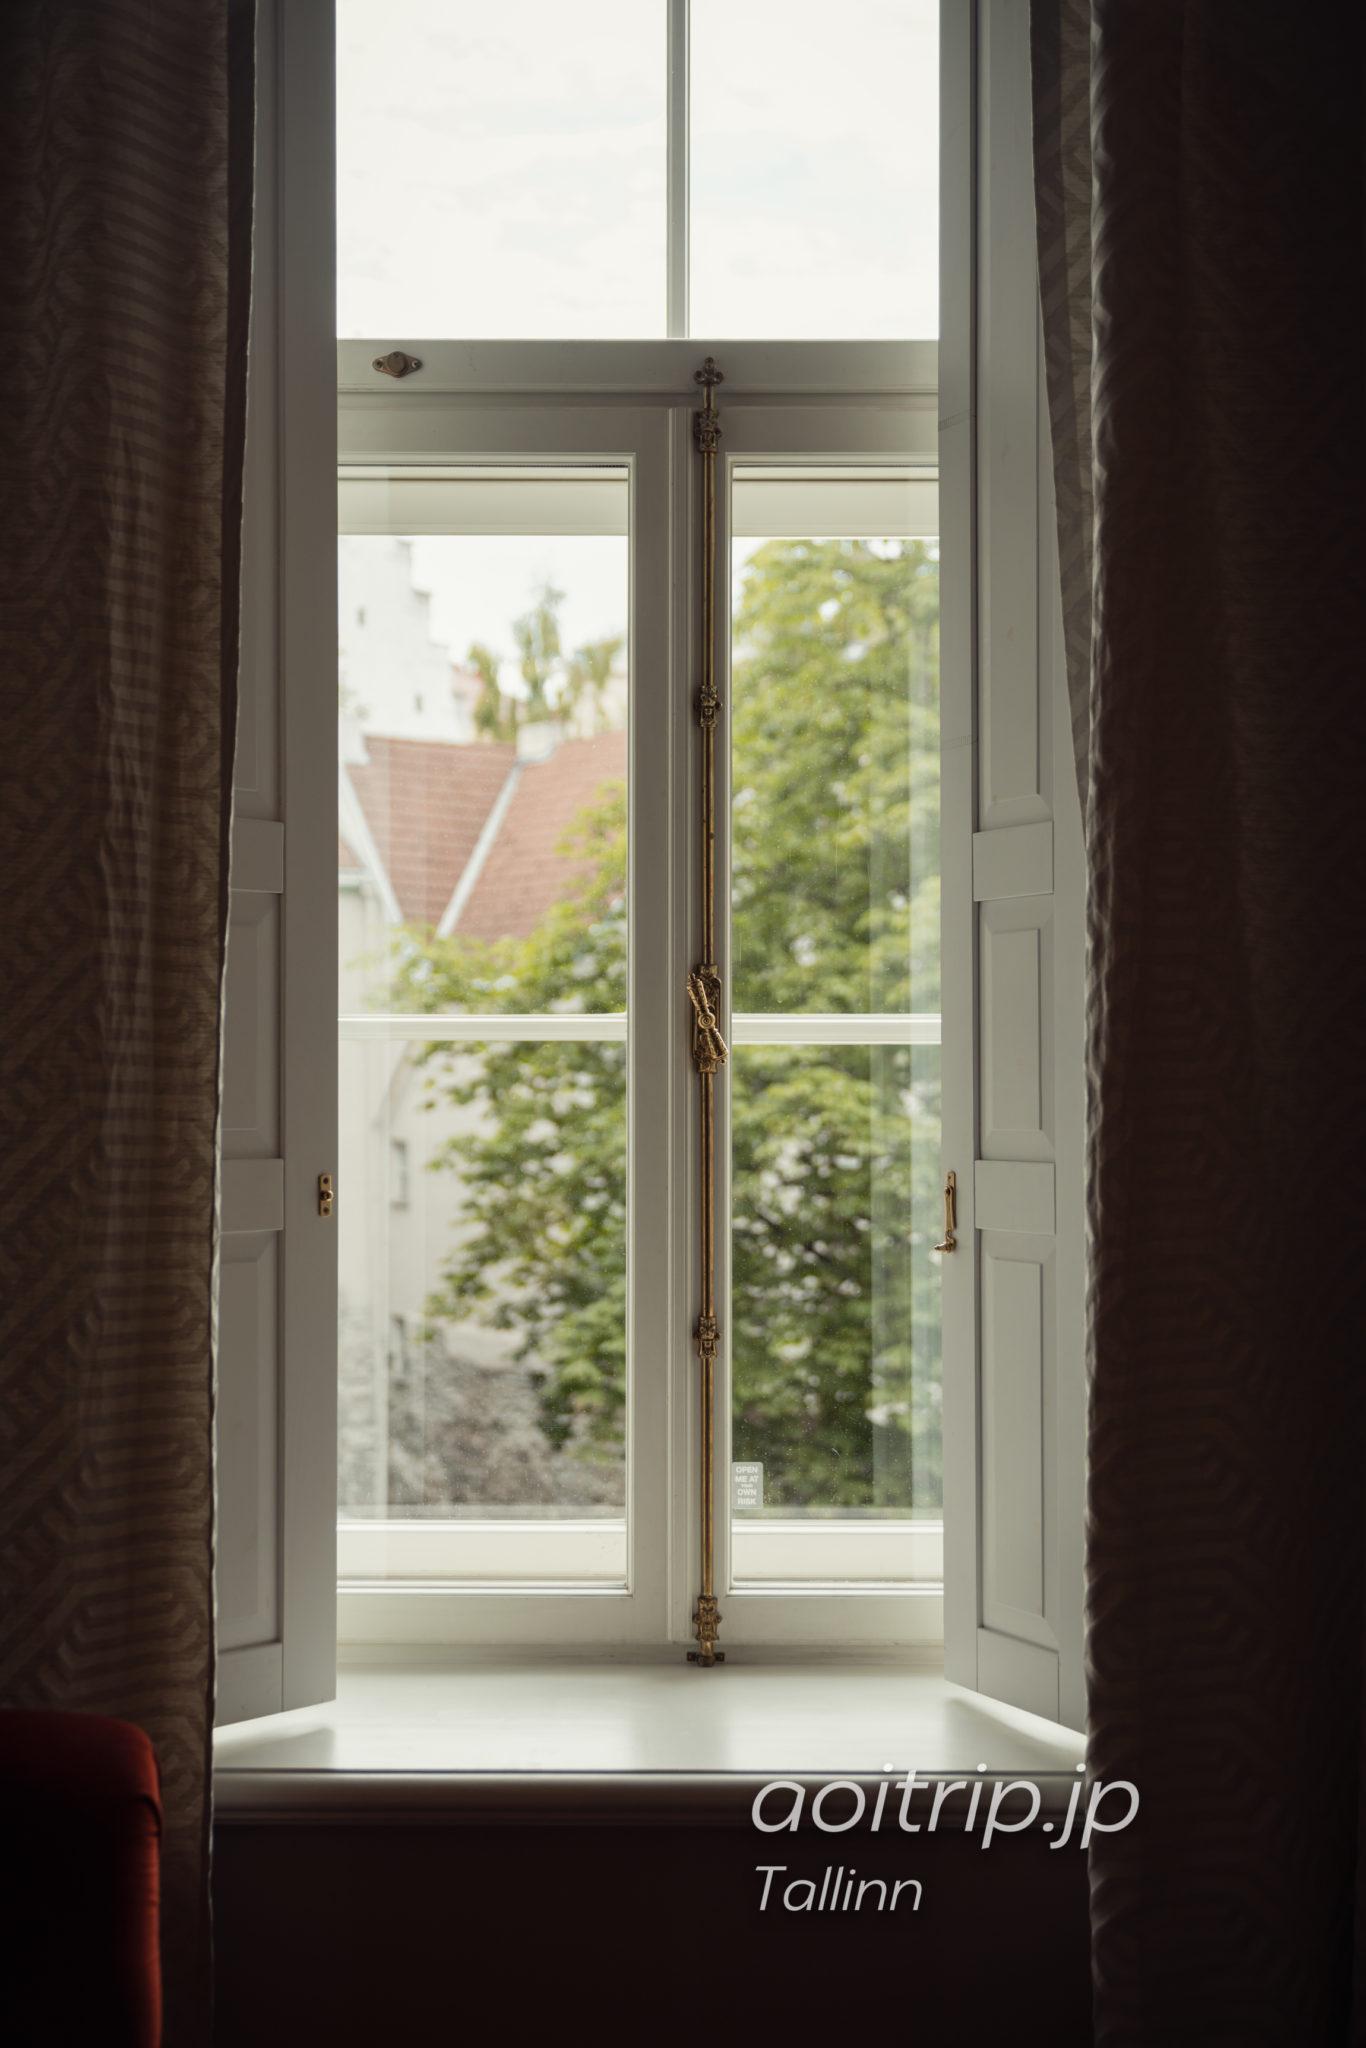 ホテルテレグラーフのスーペリア ジュニアスイート(Superior Junior Suite Courtyard view)